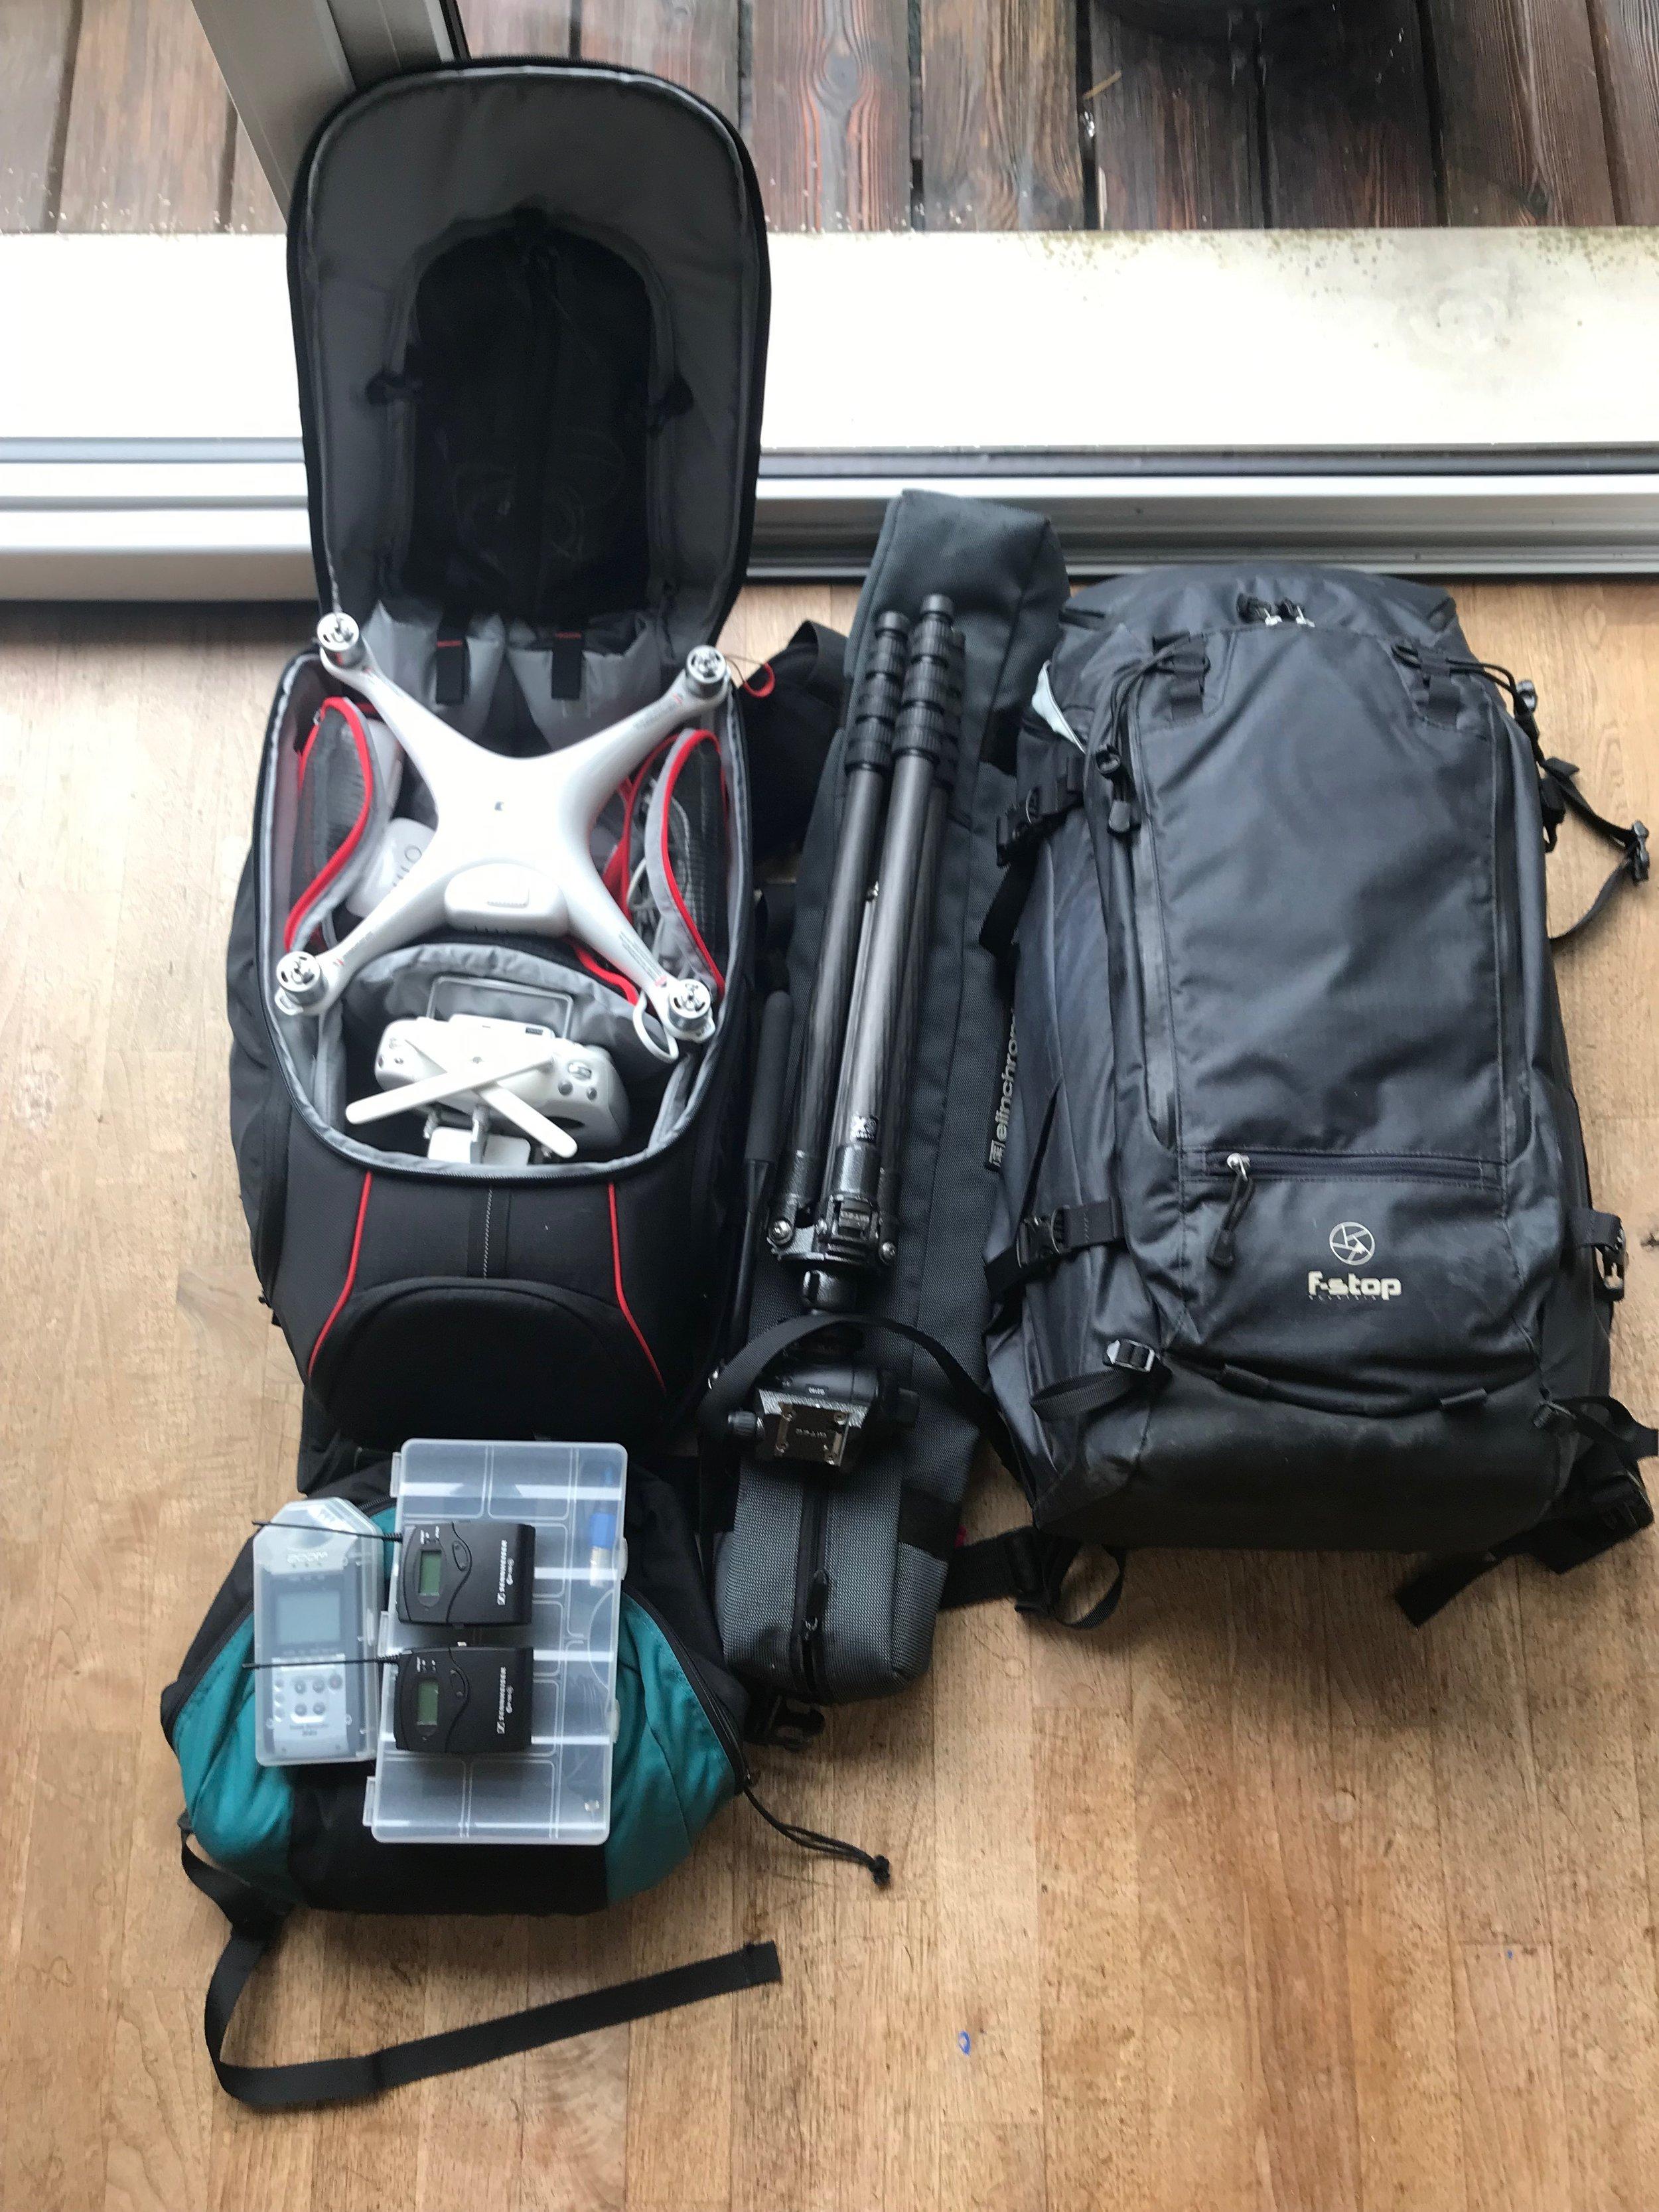 Meine Ausrüstung für die NORQAINER Matterhorn Challenge